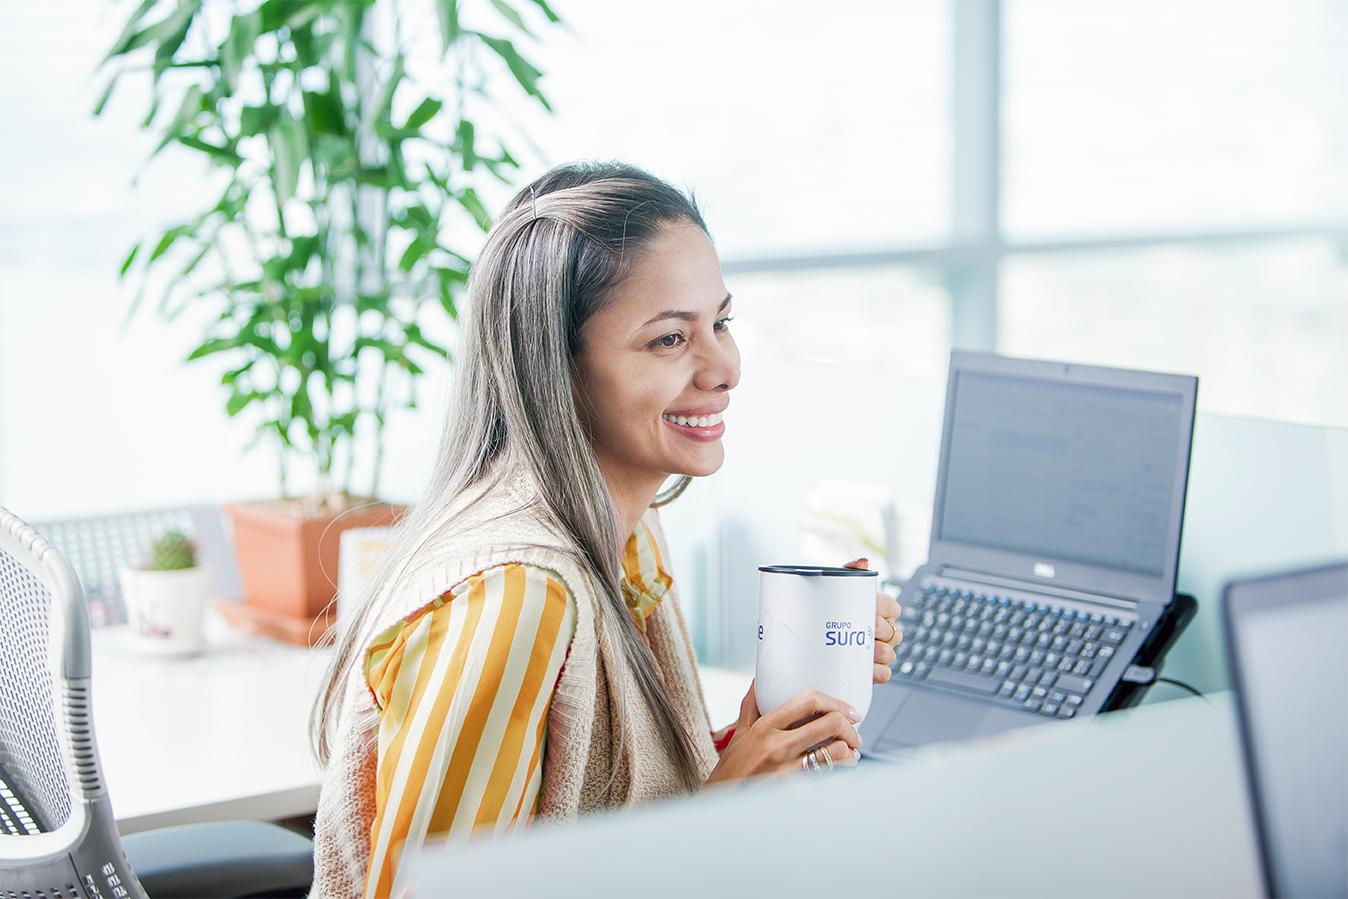 mujer en escritorio frente pantallas y teclado